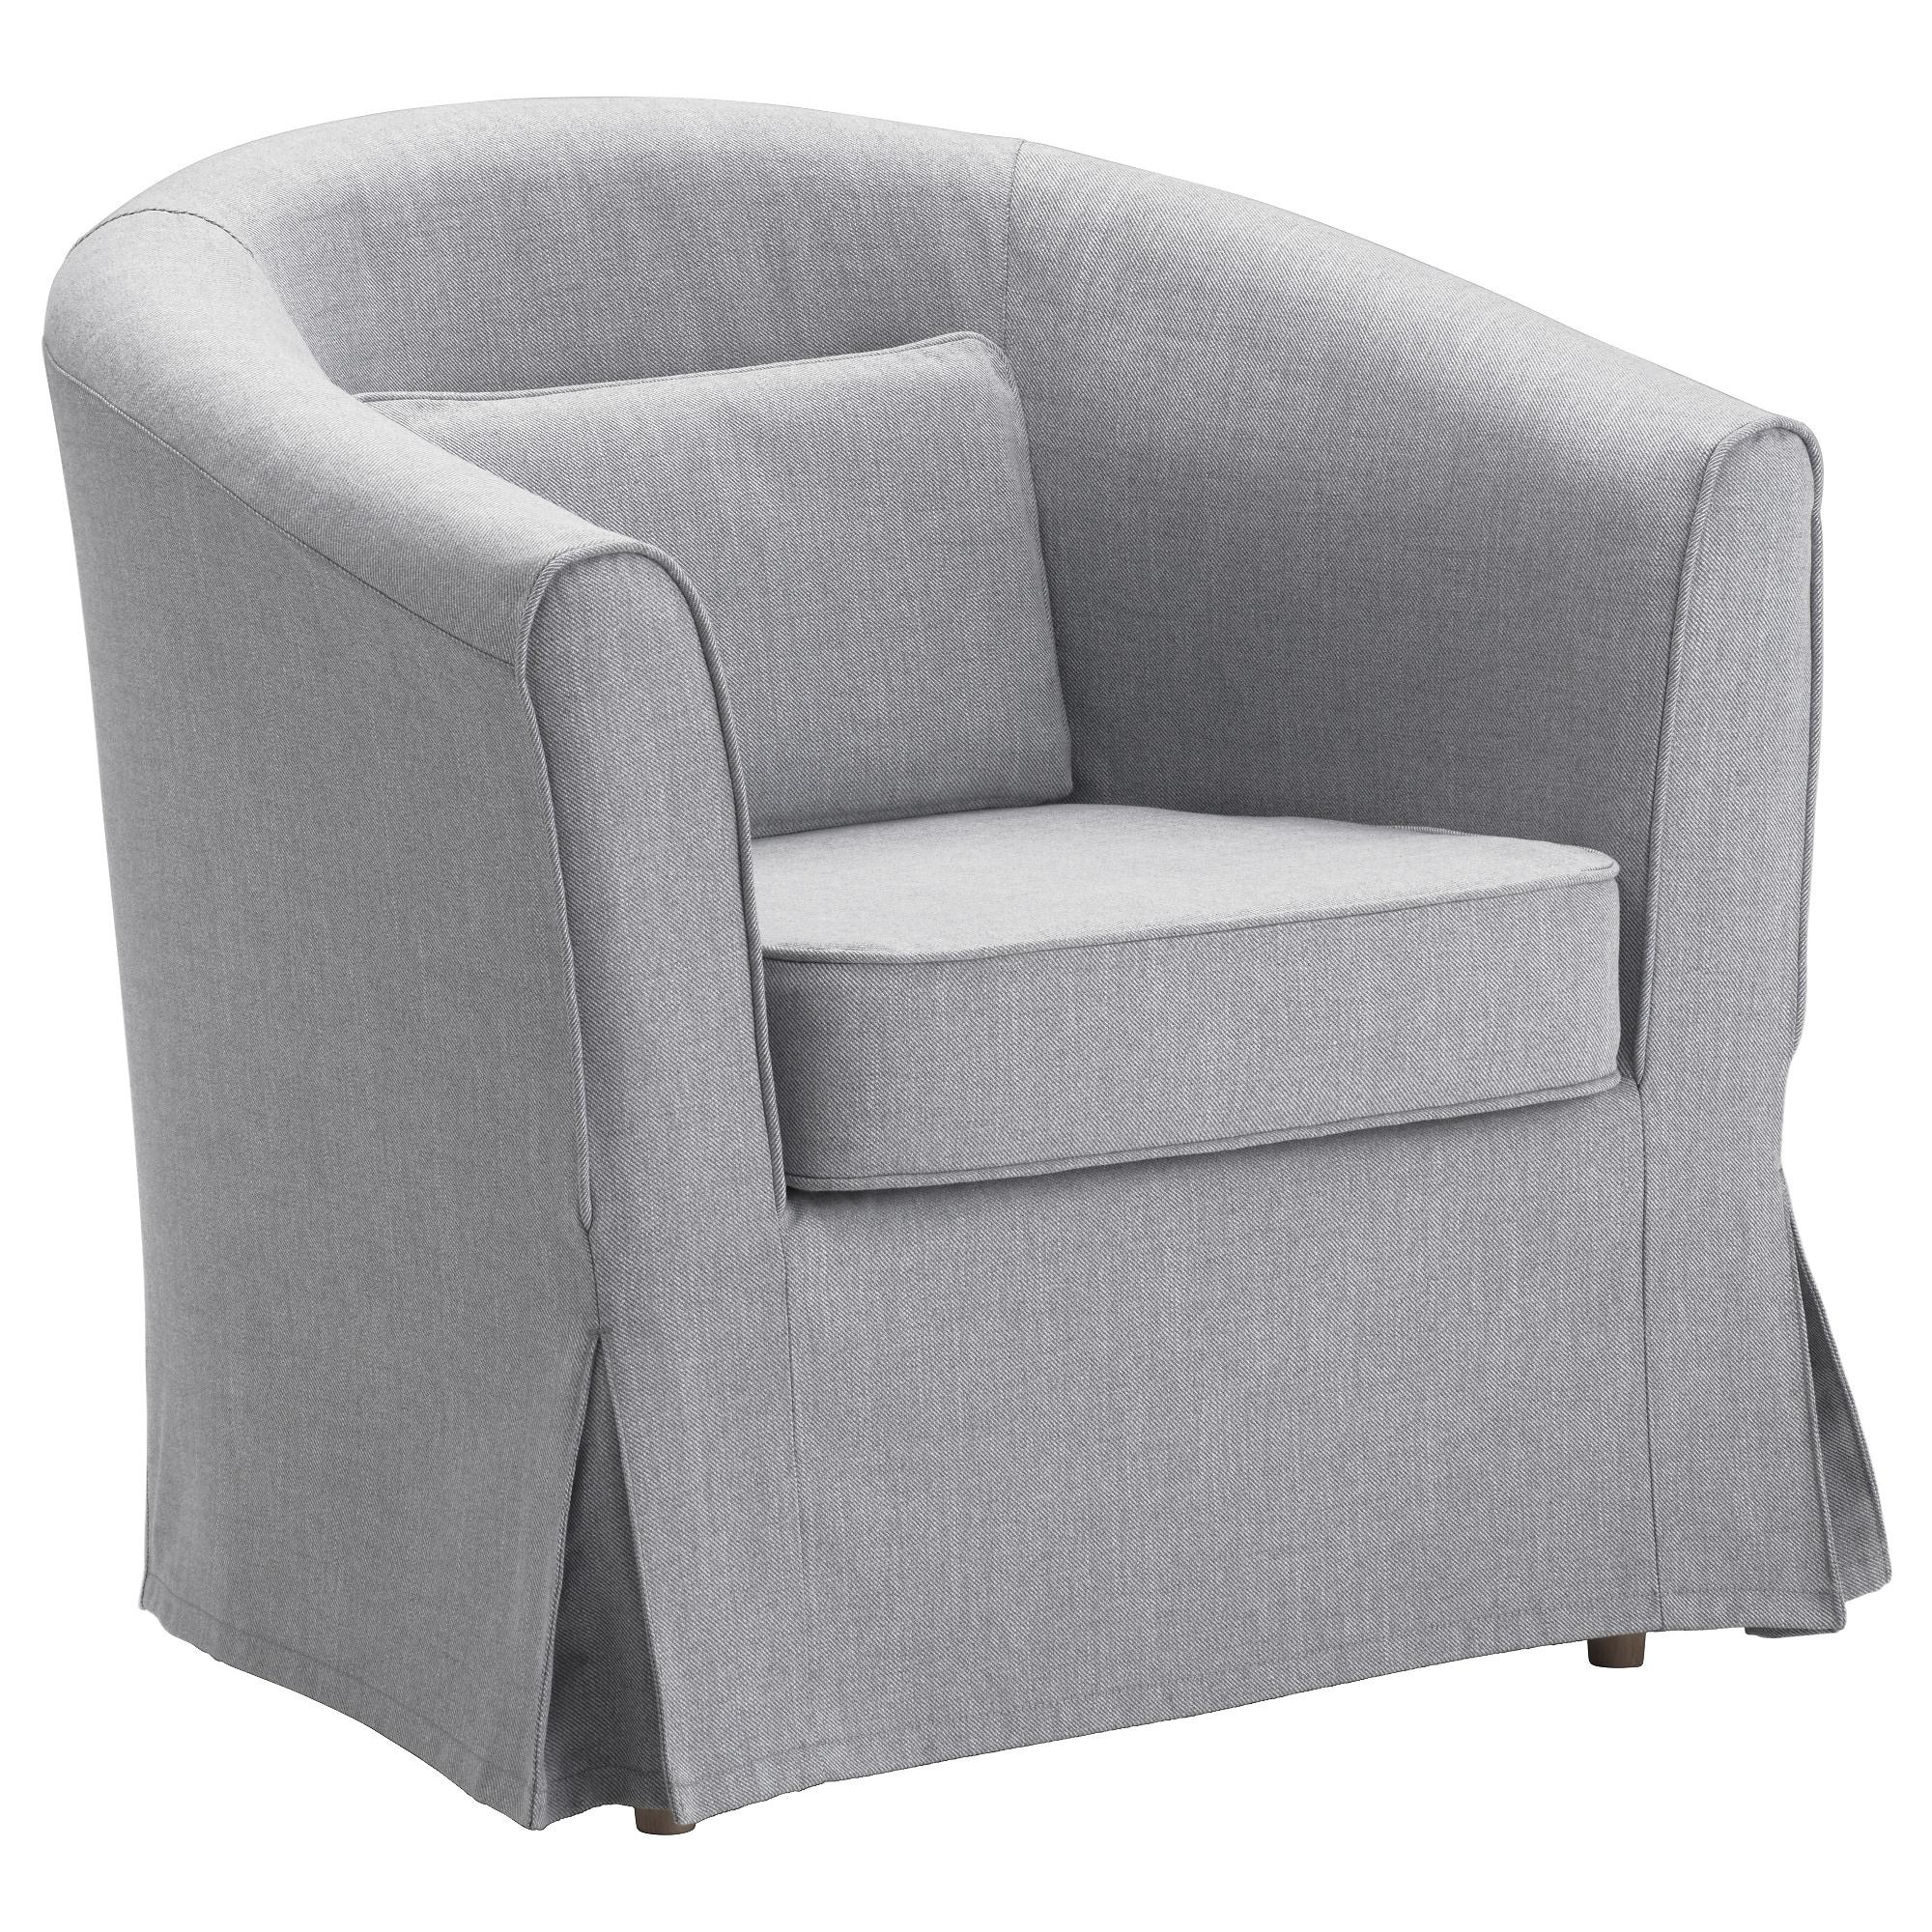 Sillon De Lactancia Ikea Gdd0 Sillones CÃ Modos Y De Calidad Pra Online Ikea